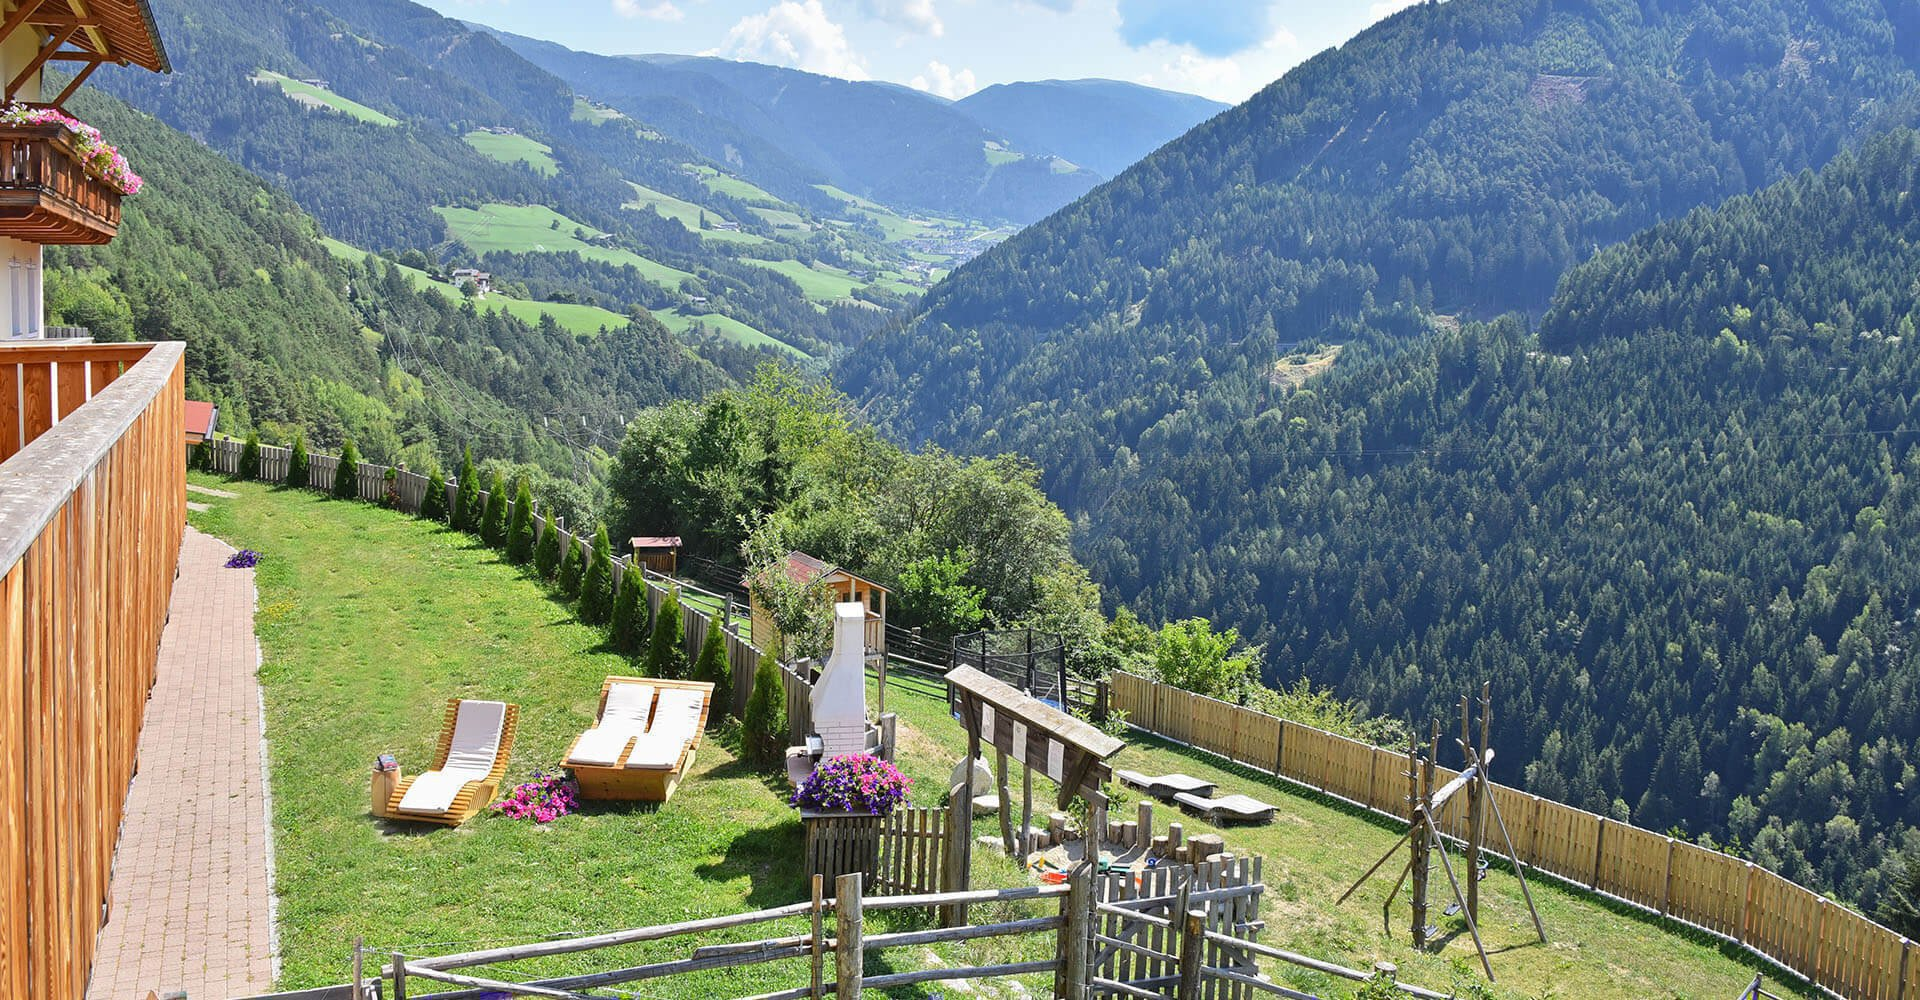 Urlaub auf dem Sieberlechnerhof | Ferien in Südtirol/Lüsen/Brixen